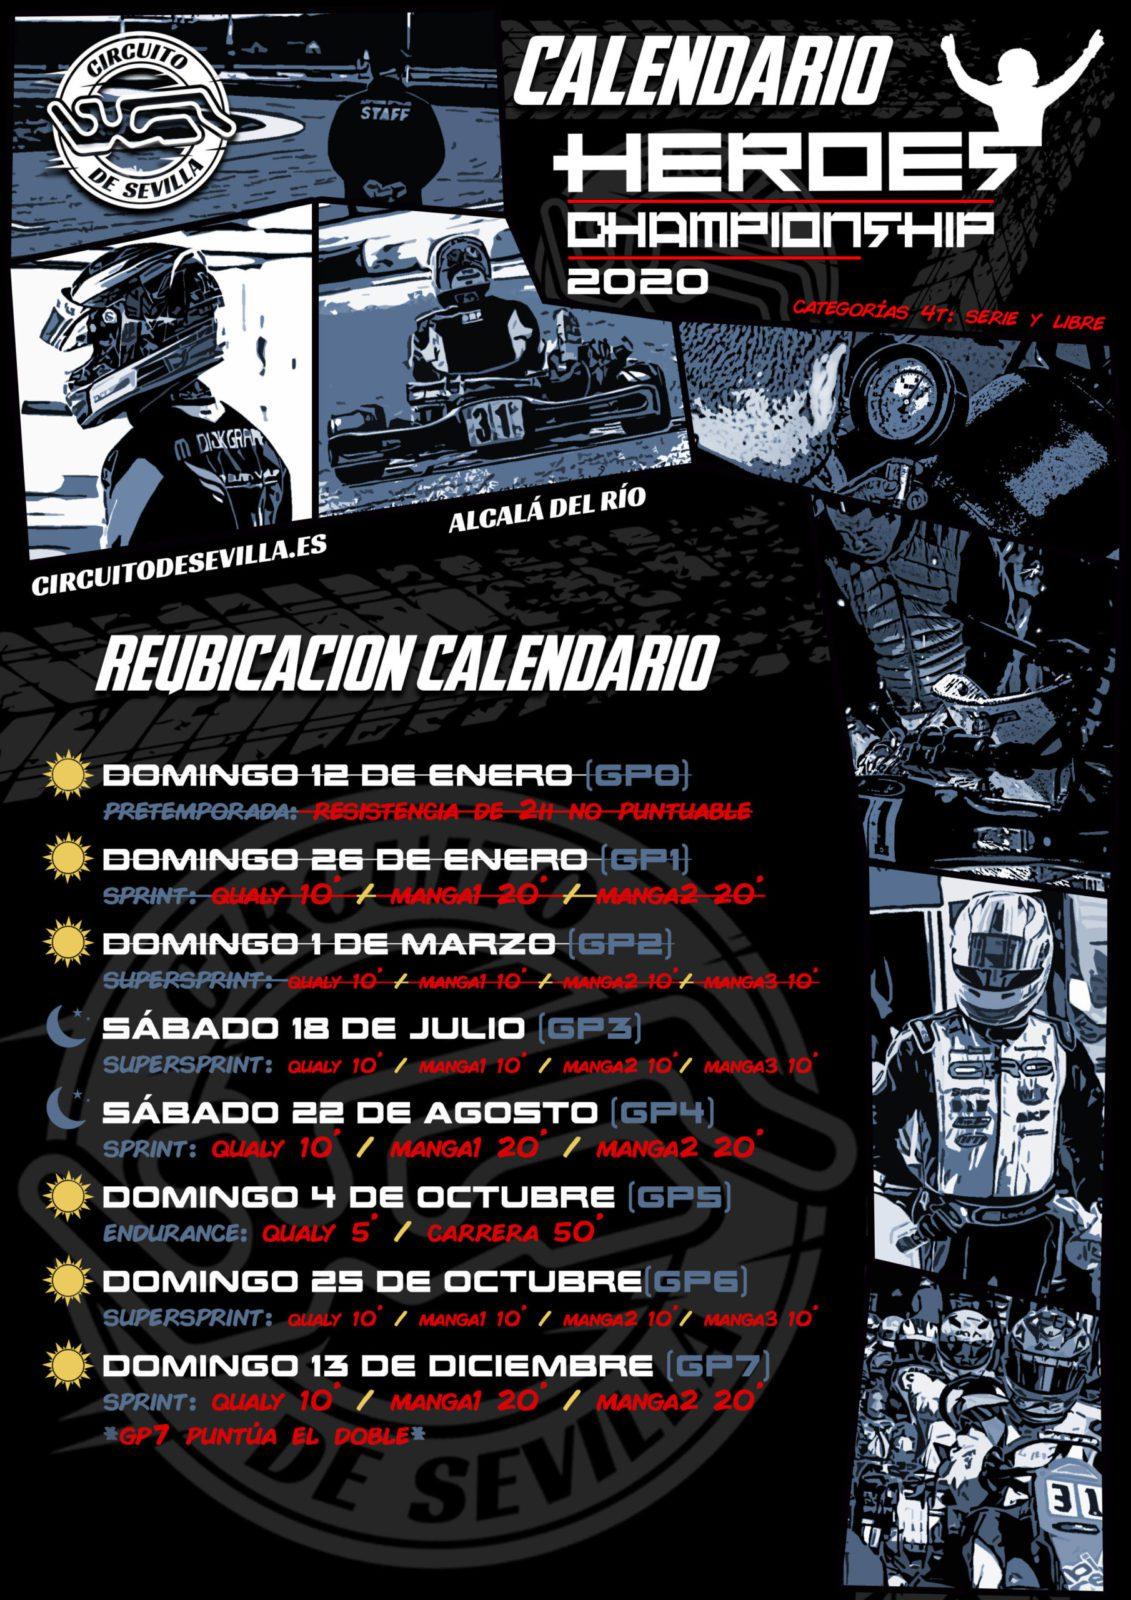 CALENDARIO HEROES 2020 REUBICADO WEB